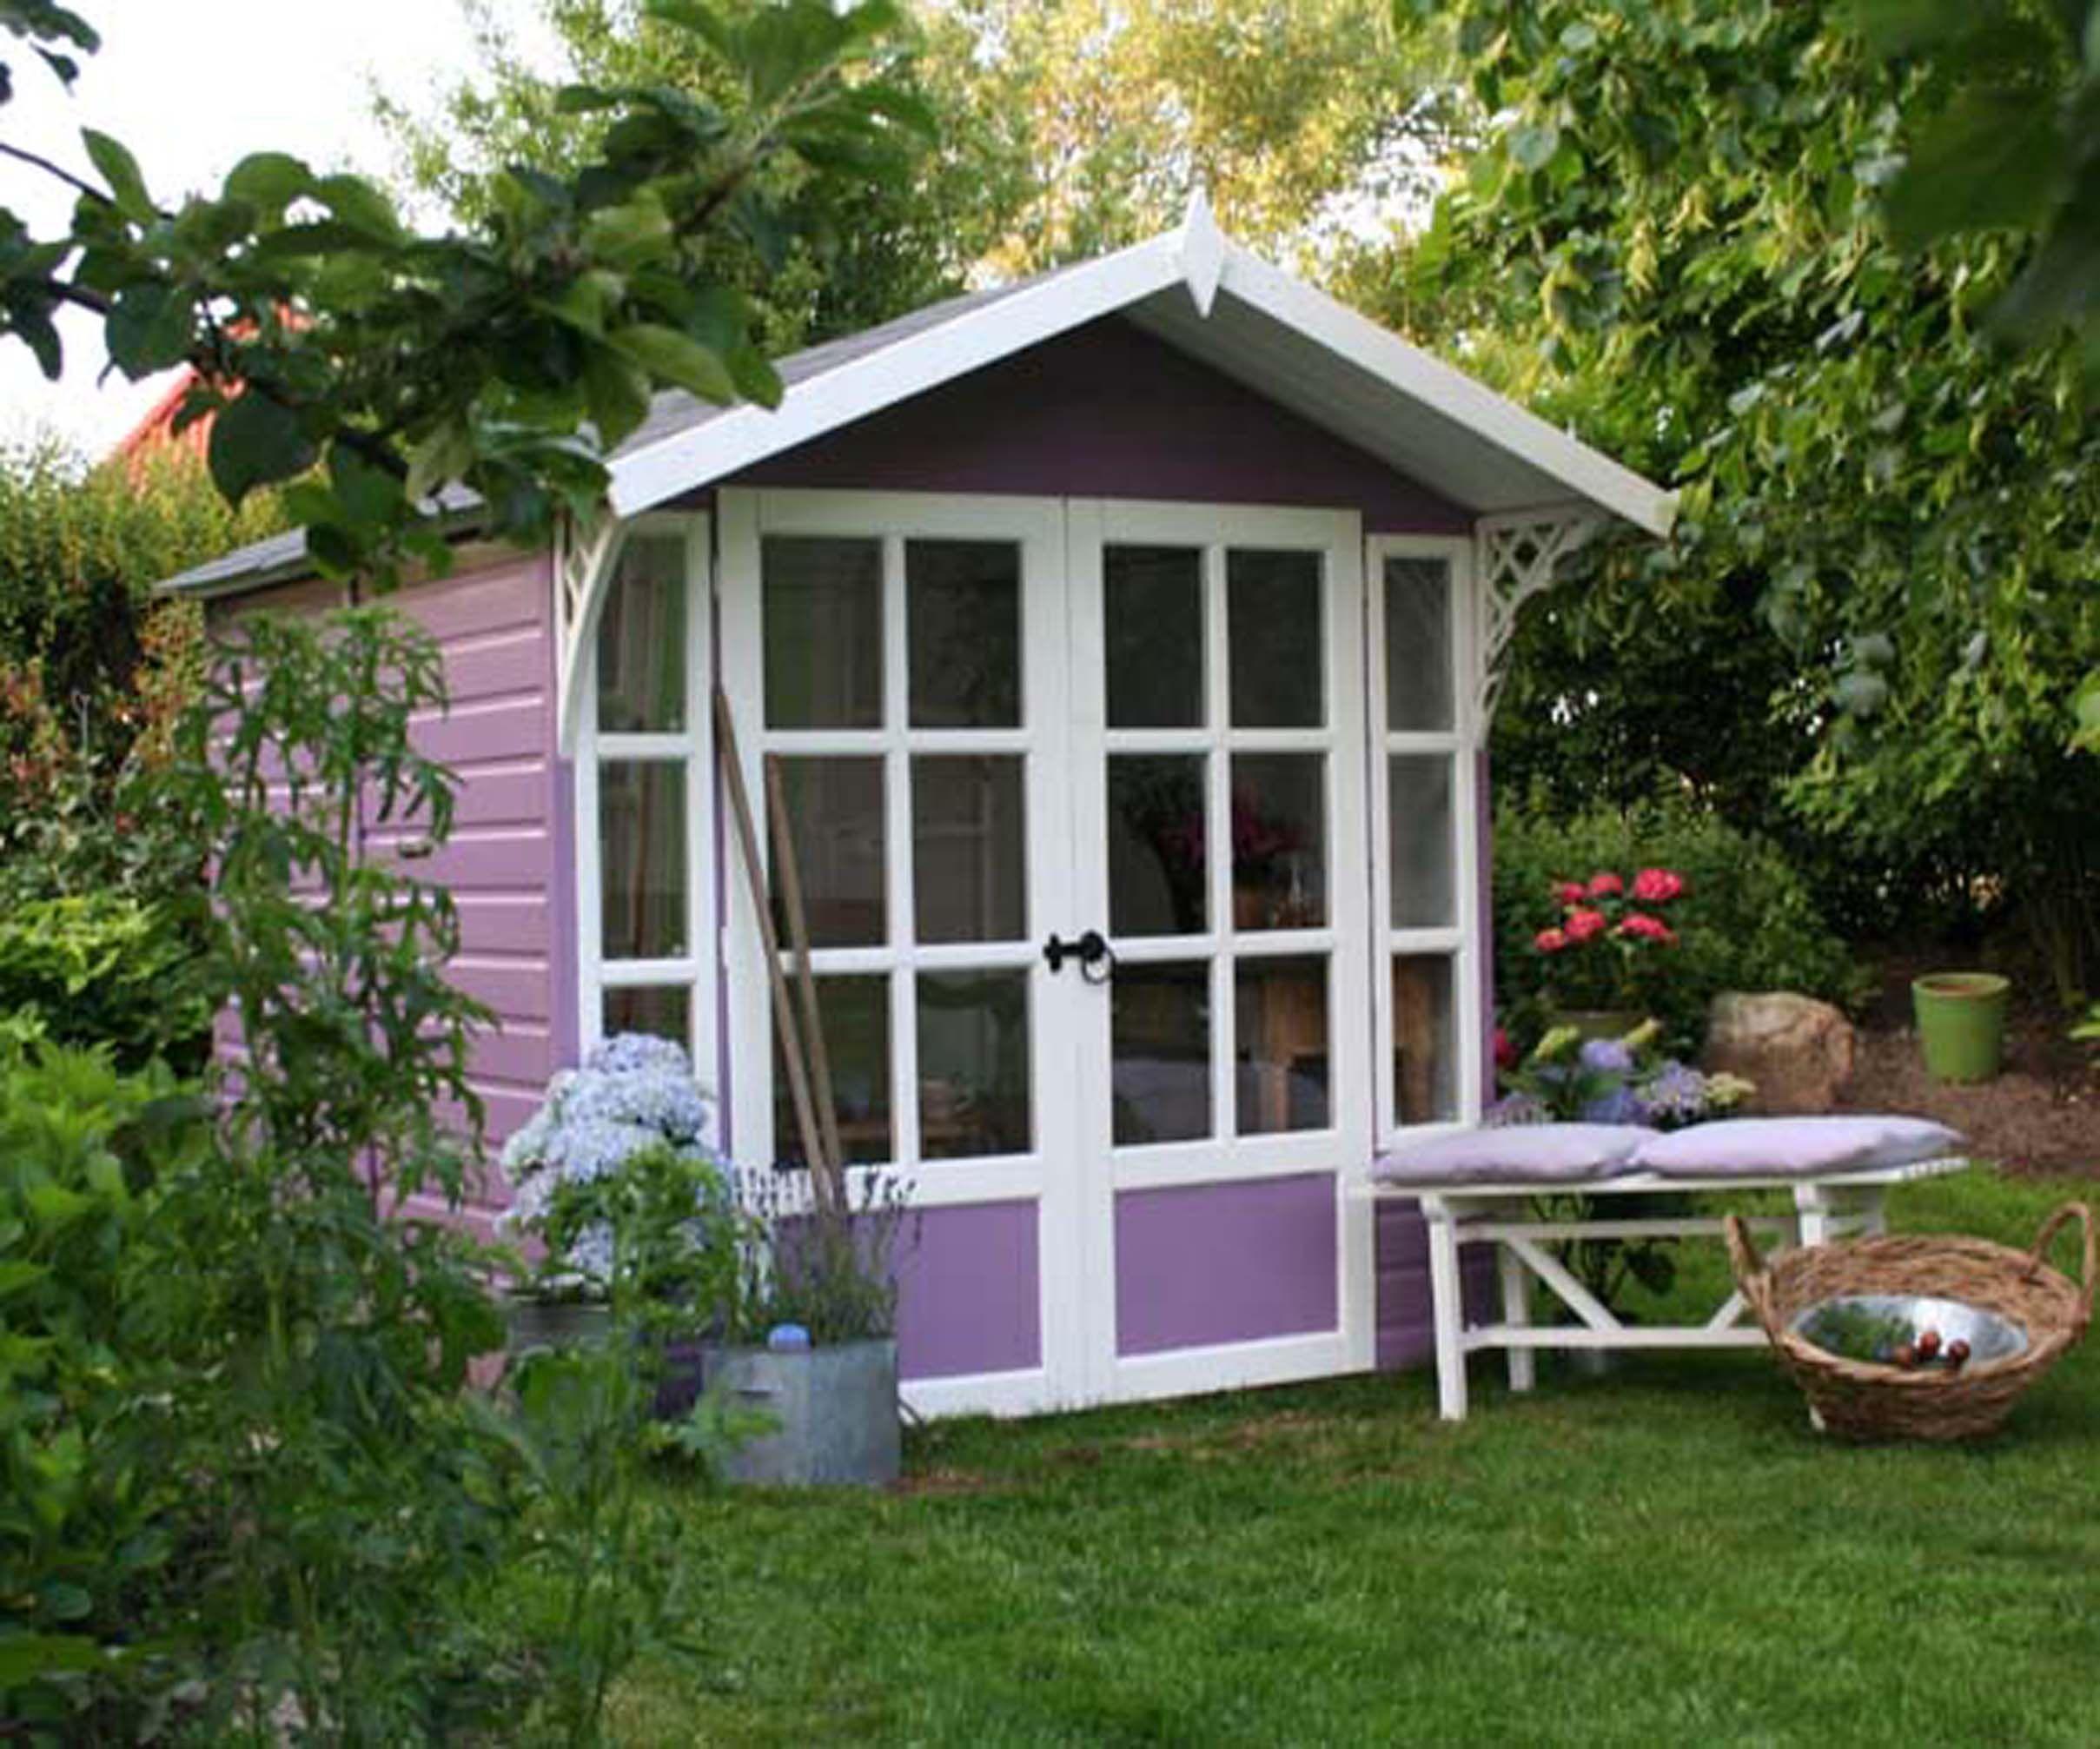 Gartenhaus Modell Clara Gartenhaus, Haus, Garten